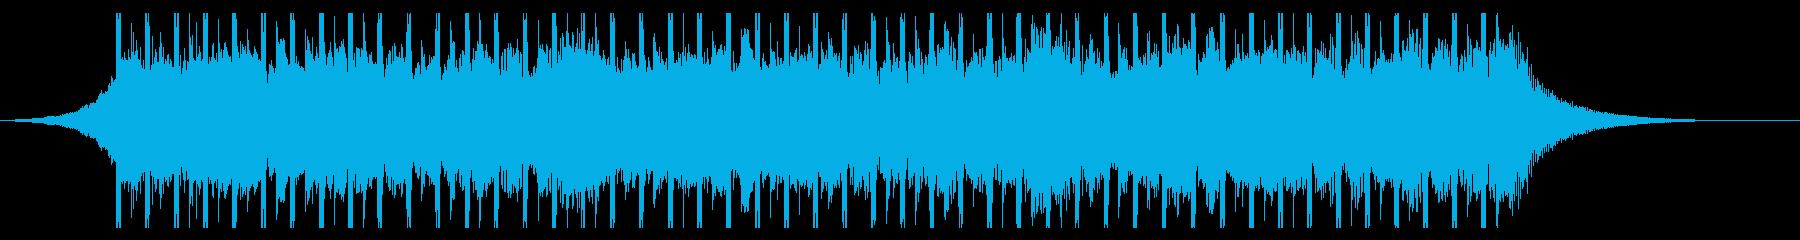 教育(30秒)の再生済みの波形